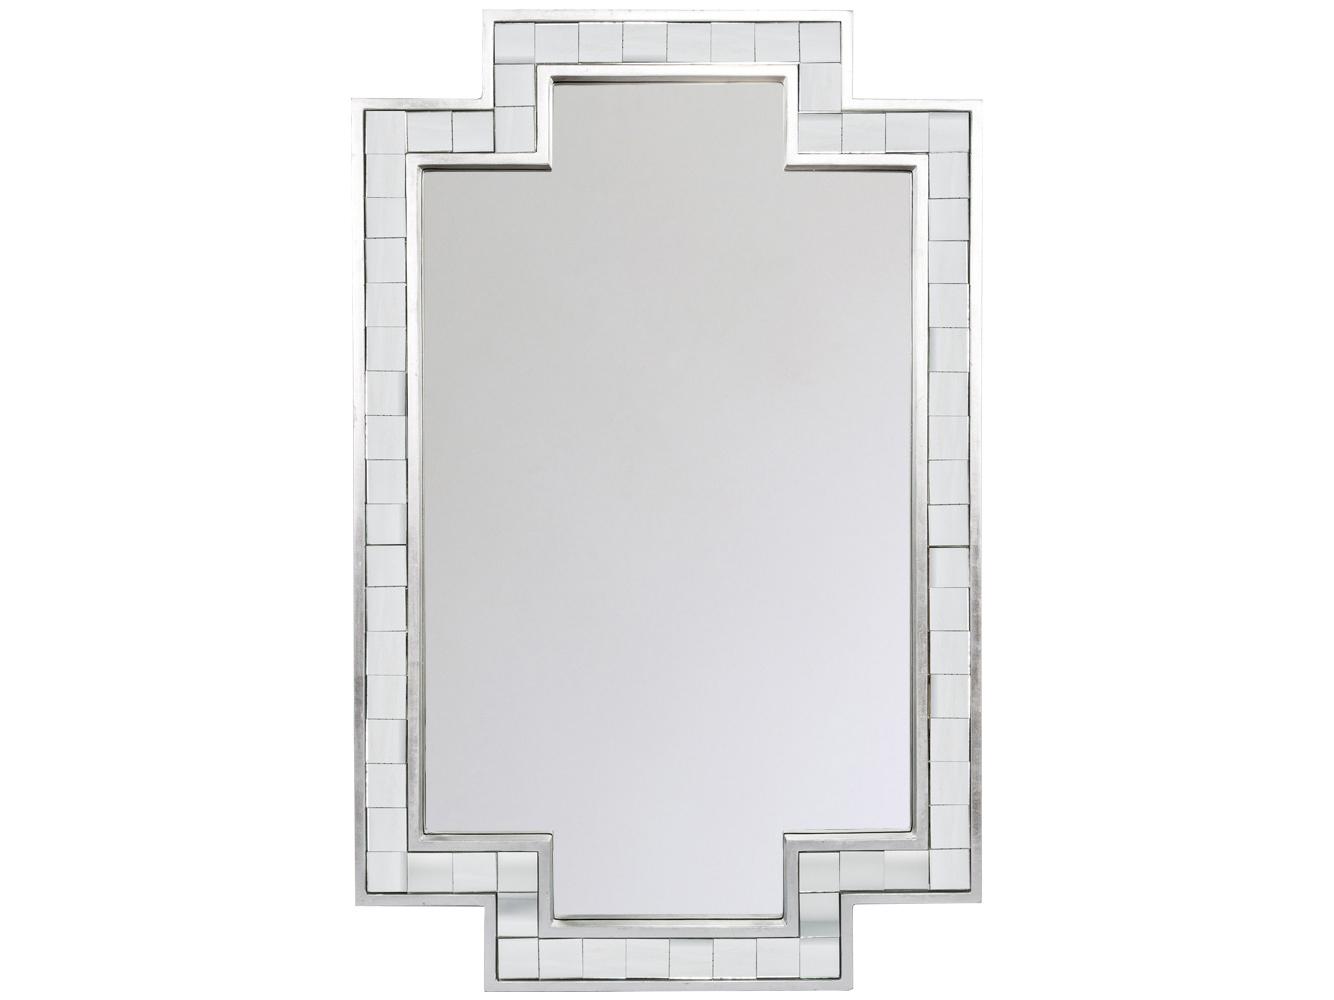 Настенное зеркало «Гаспер»Настенные зеркала<br>Зеркало &amp;quot;Гаспер&amp;quot; - это дизайнерский синтез классики и авангарда. Прямолинейная зеркальная рама адресована современным интерьерам &amp;quot;хай-тек&amp;quot; и &amp;quot;постмодерн&amp;quot;, в то время как квадратная кладка рамы ссылается на кельтскую и греческую классику. Зеркало покрыто серебряной амальгамой, обладает идеально ровной поверхностью, не боится влаги.&amp;amp;nbsp;&amp;lt;span style=&amp;quot;font-size: 14px;&amp;quot;&amp;gt;Толщина зеркального полотна составляет 4 мм.&amp;lt;/span&amp;gt;<br><br>Material: МДФ<br>Ширина см: 73.5<br>Высота см: 114.0<br>Глубина см: 3.5